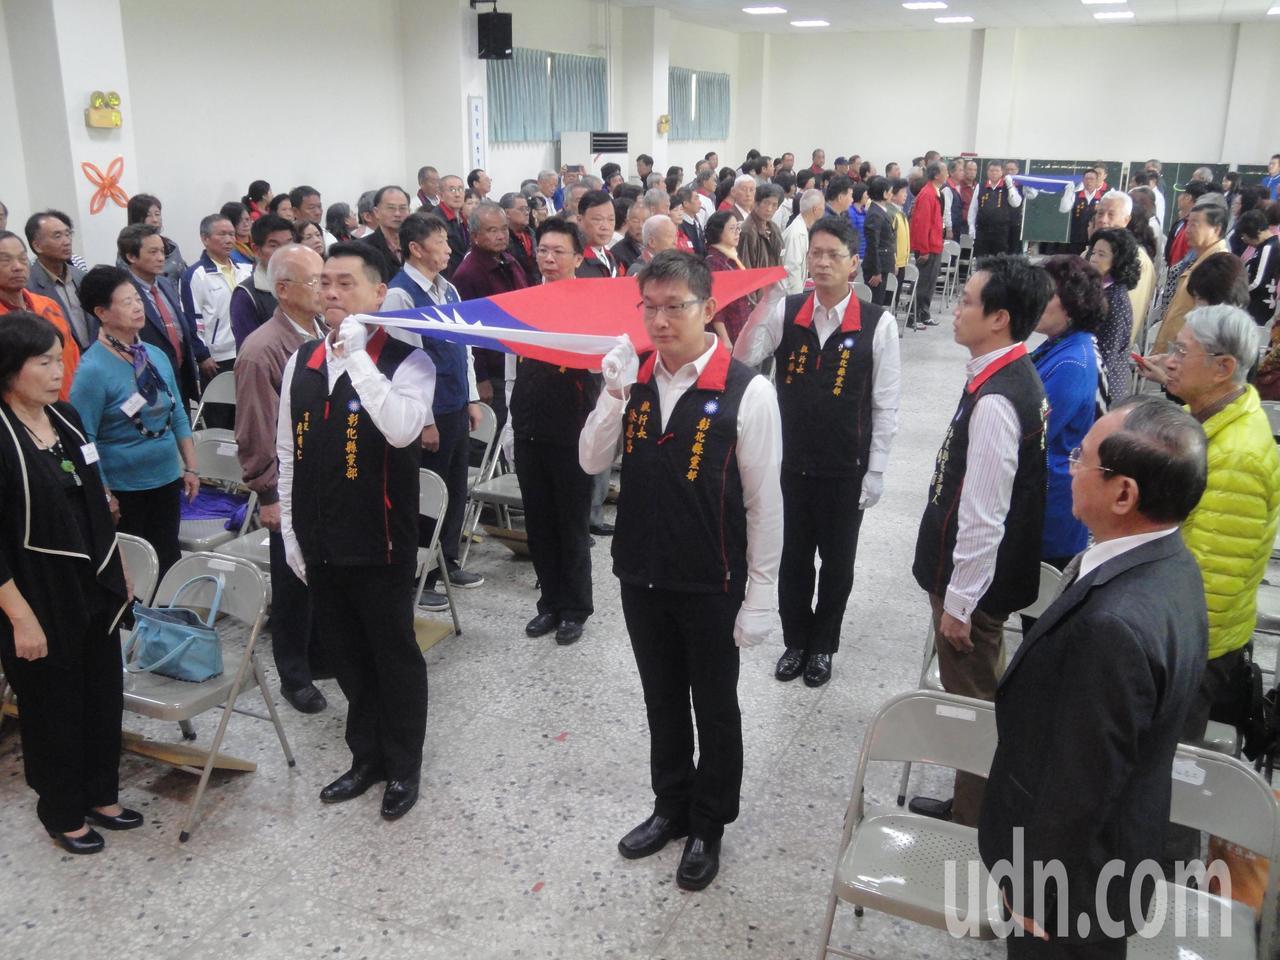 中國國民黨彰化縣黨部今天慶祝黨慶,護旗隊引領國旗進場。記者簡慧珍/攝影